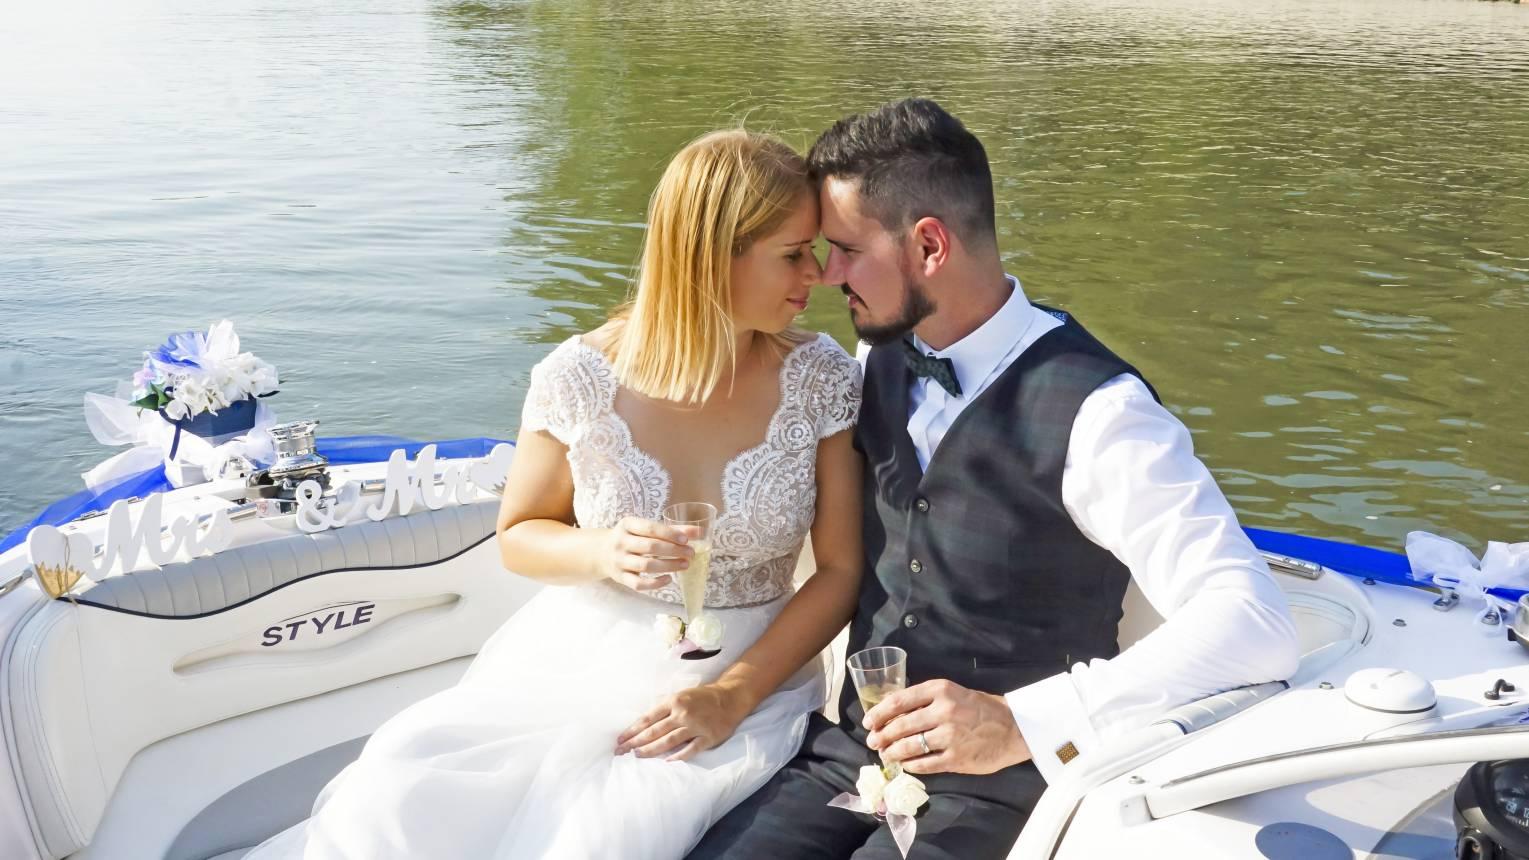 Jegyes, esküvői fotózás sétahajózással